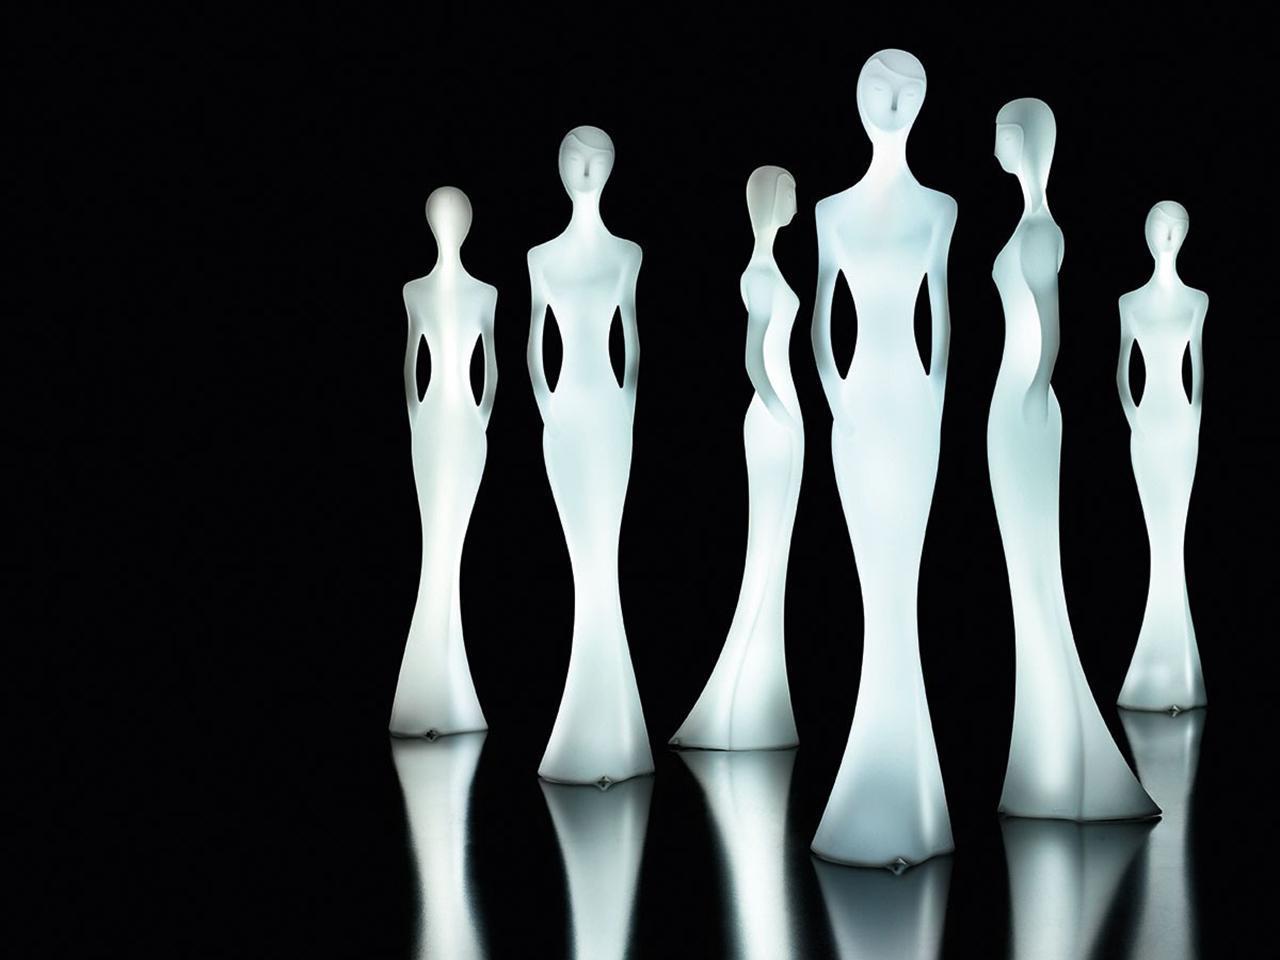 Скульптура пластиковая светящаяся, Penelope